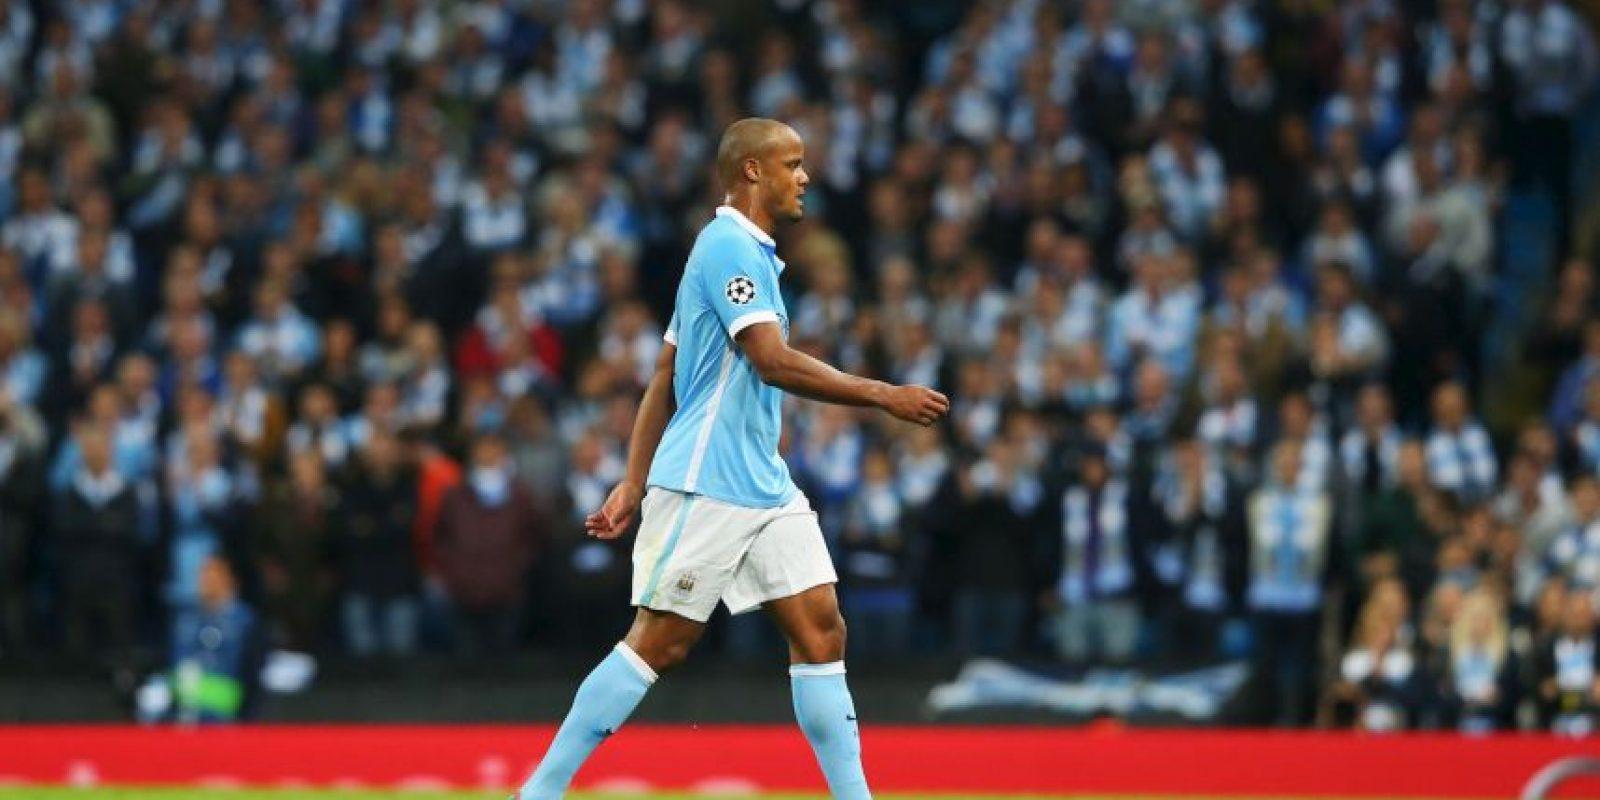 Fue sustituido en el partido entre su equipo, Manchester City, y Juventus por una molestia en la pantorrilla Foto:Getty Images